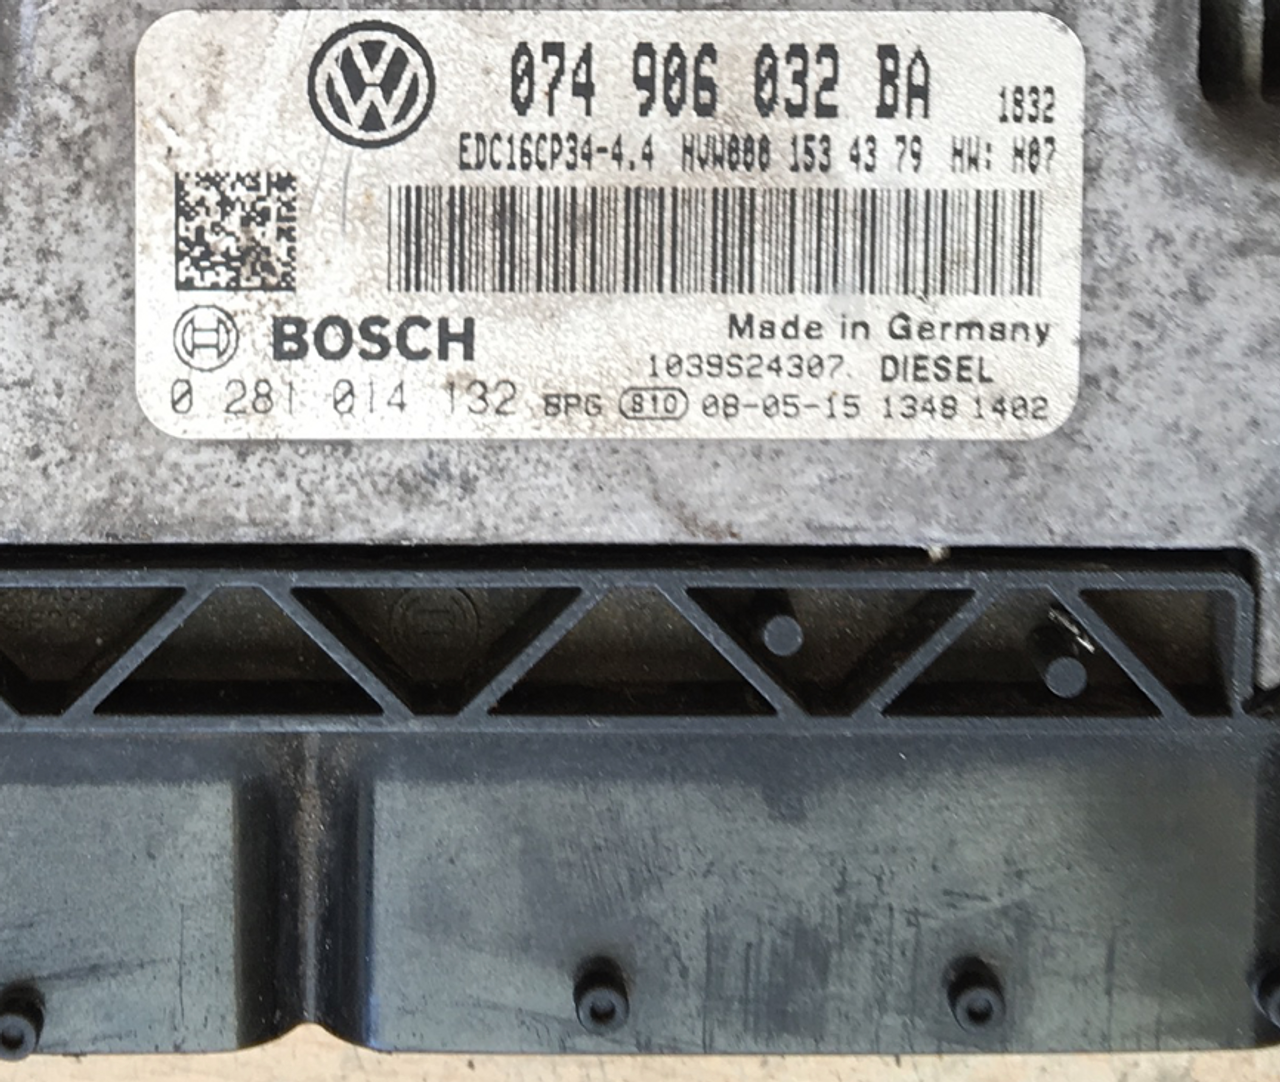 Plug & Play Bosch Engine ECU, VW Crafter 30 2 5 TDI, 0281014132, 0 281 014  132, 074906032BA, 074 906 032 BA, EDC16CP